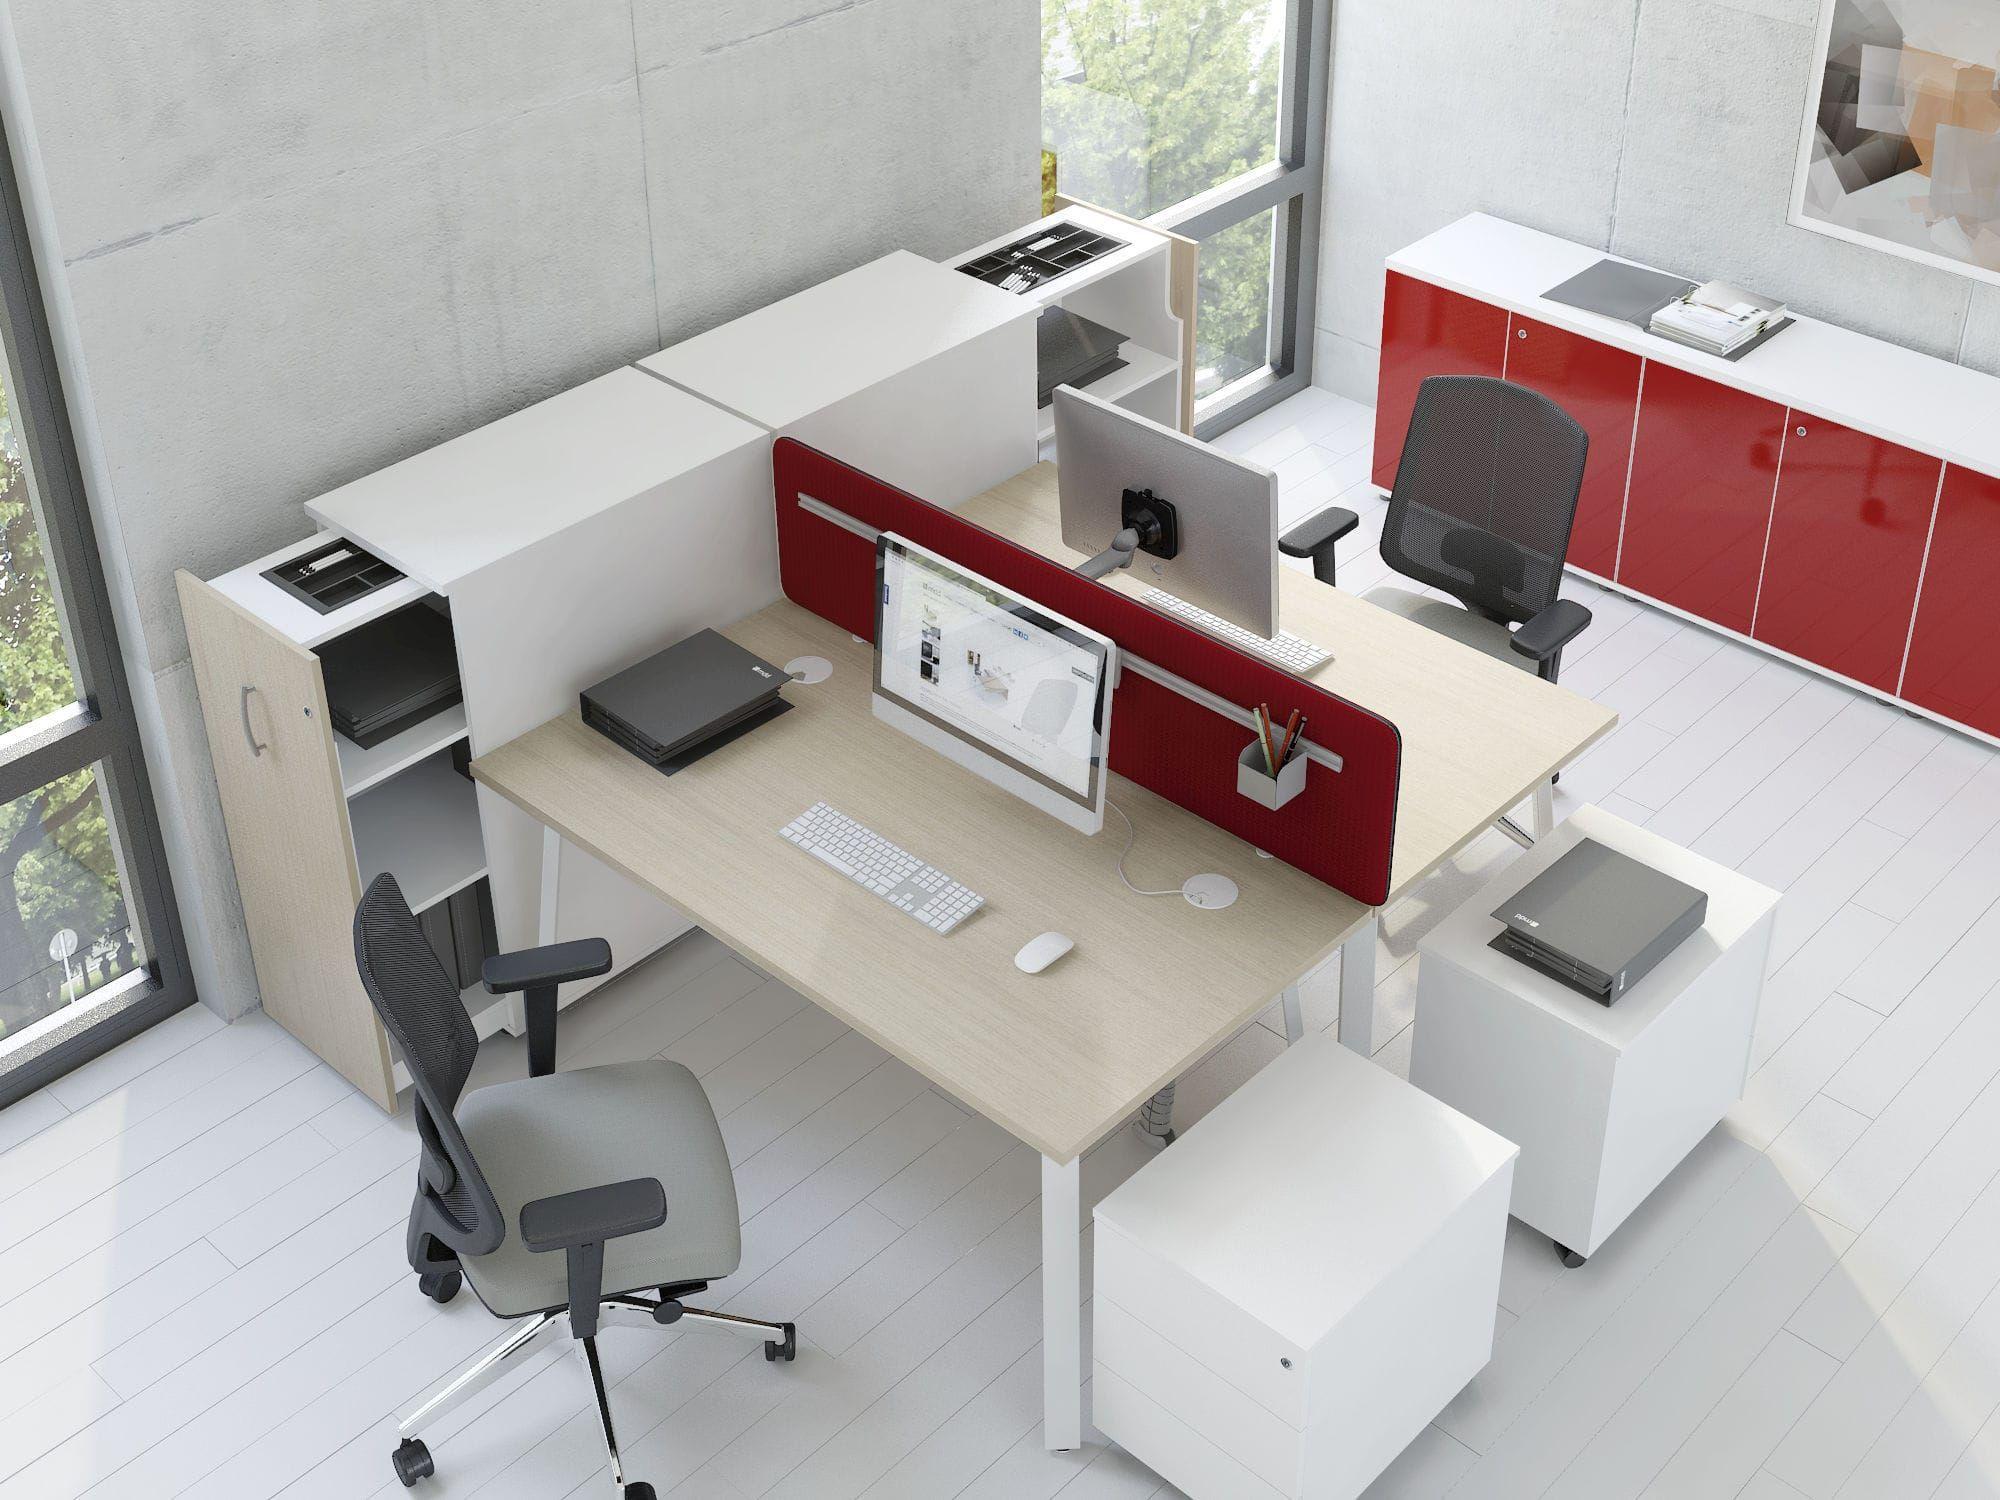 Banconi Per Ufficio : Divisorio per ufficio da bancone in tessuto insonorizzato